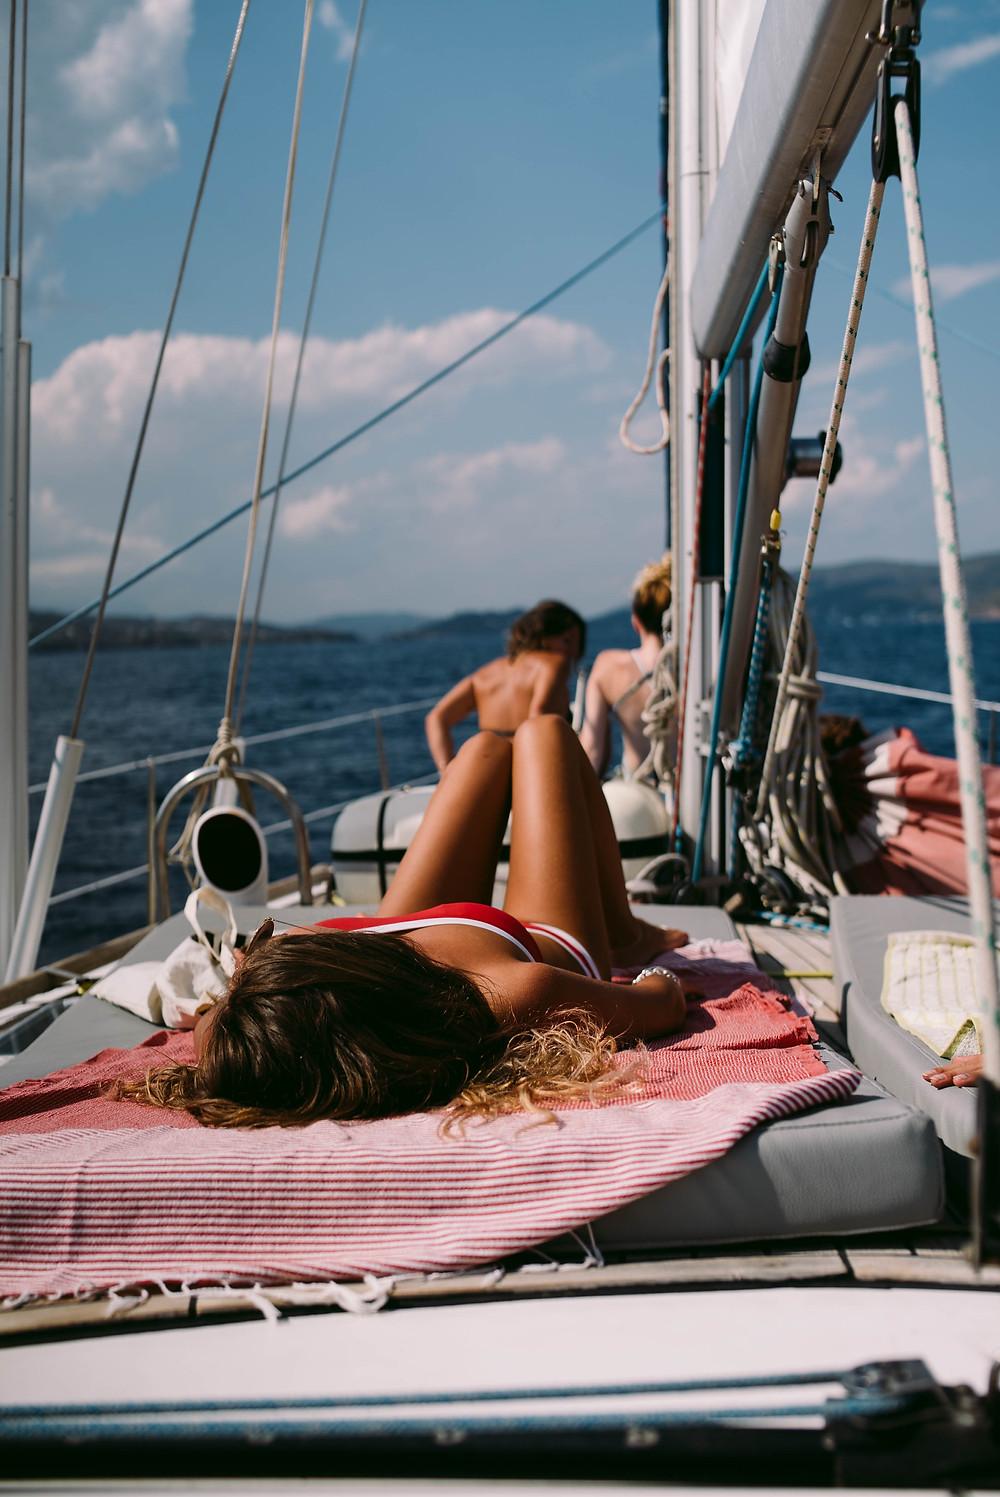 Christal Sailing | vivre à plusieurs dans l'espace restreint du bateau